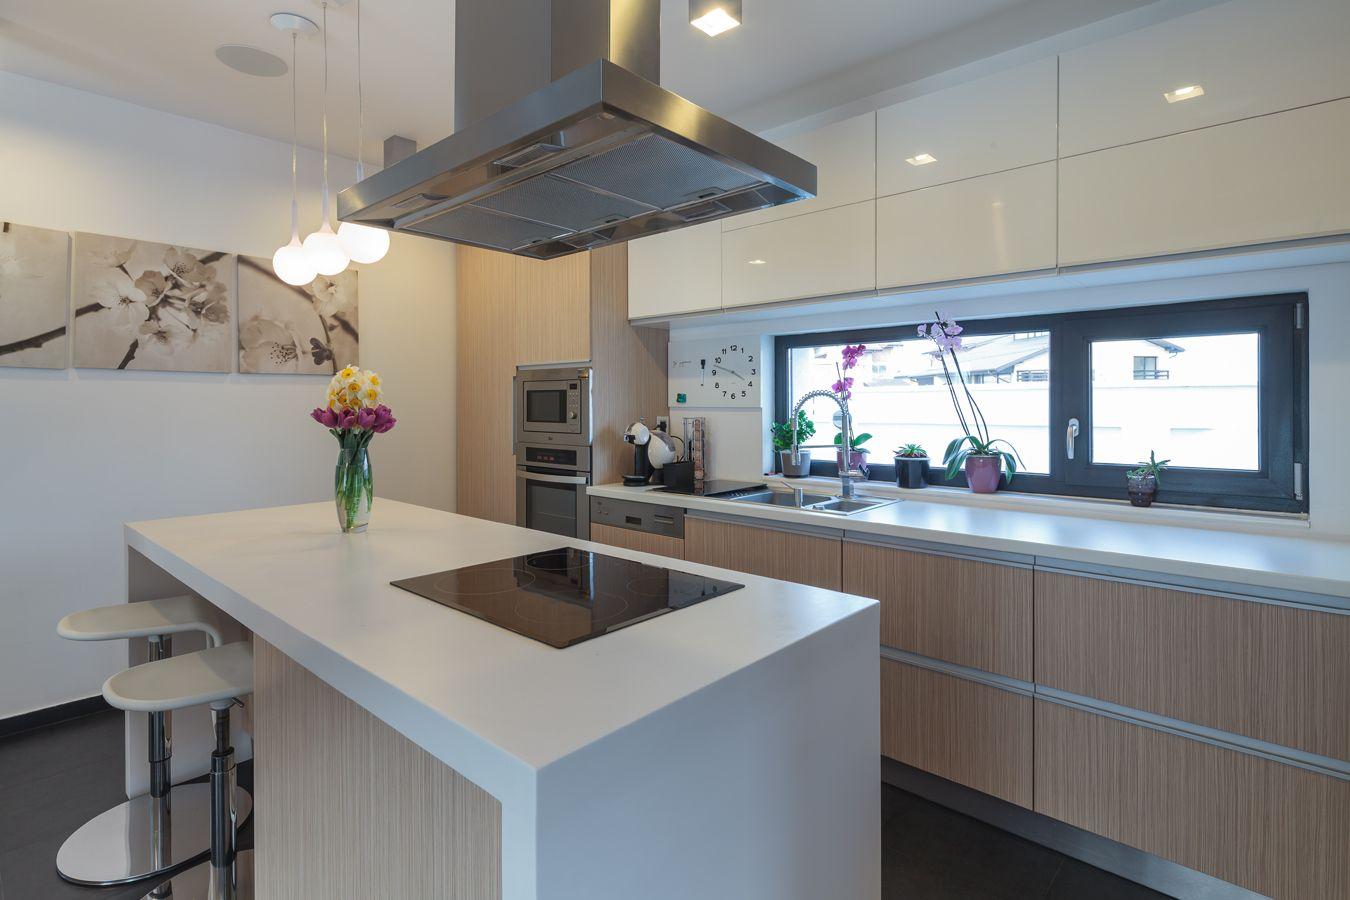 Como alicatar una cocina beautiful azulejos alicatados ideas planos como empezar a alicatar una - Cocinas sin alicatar ...